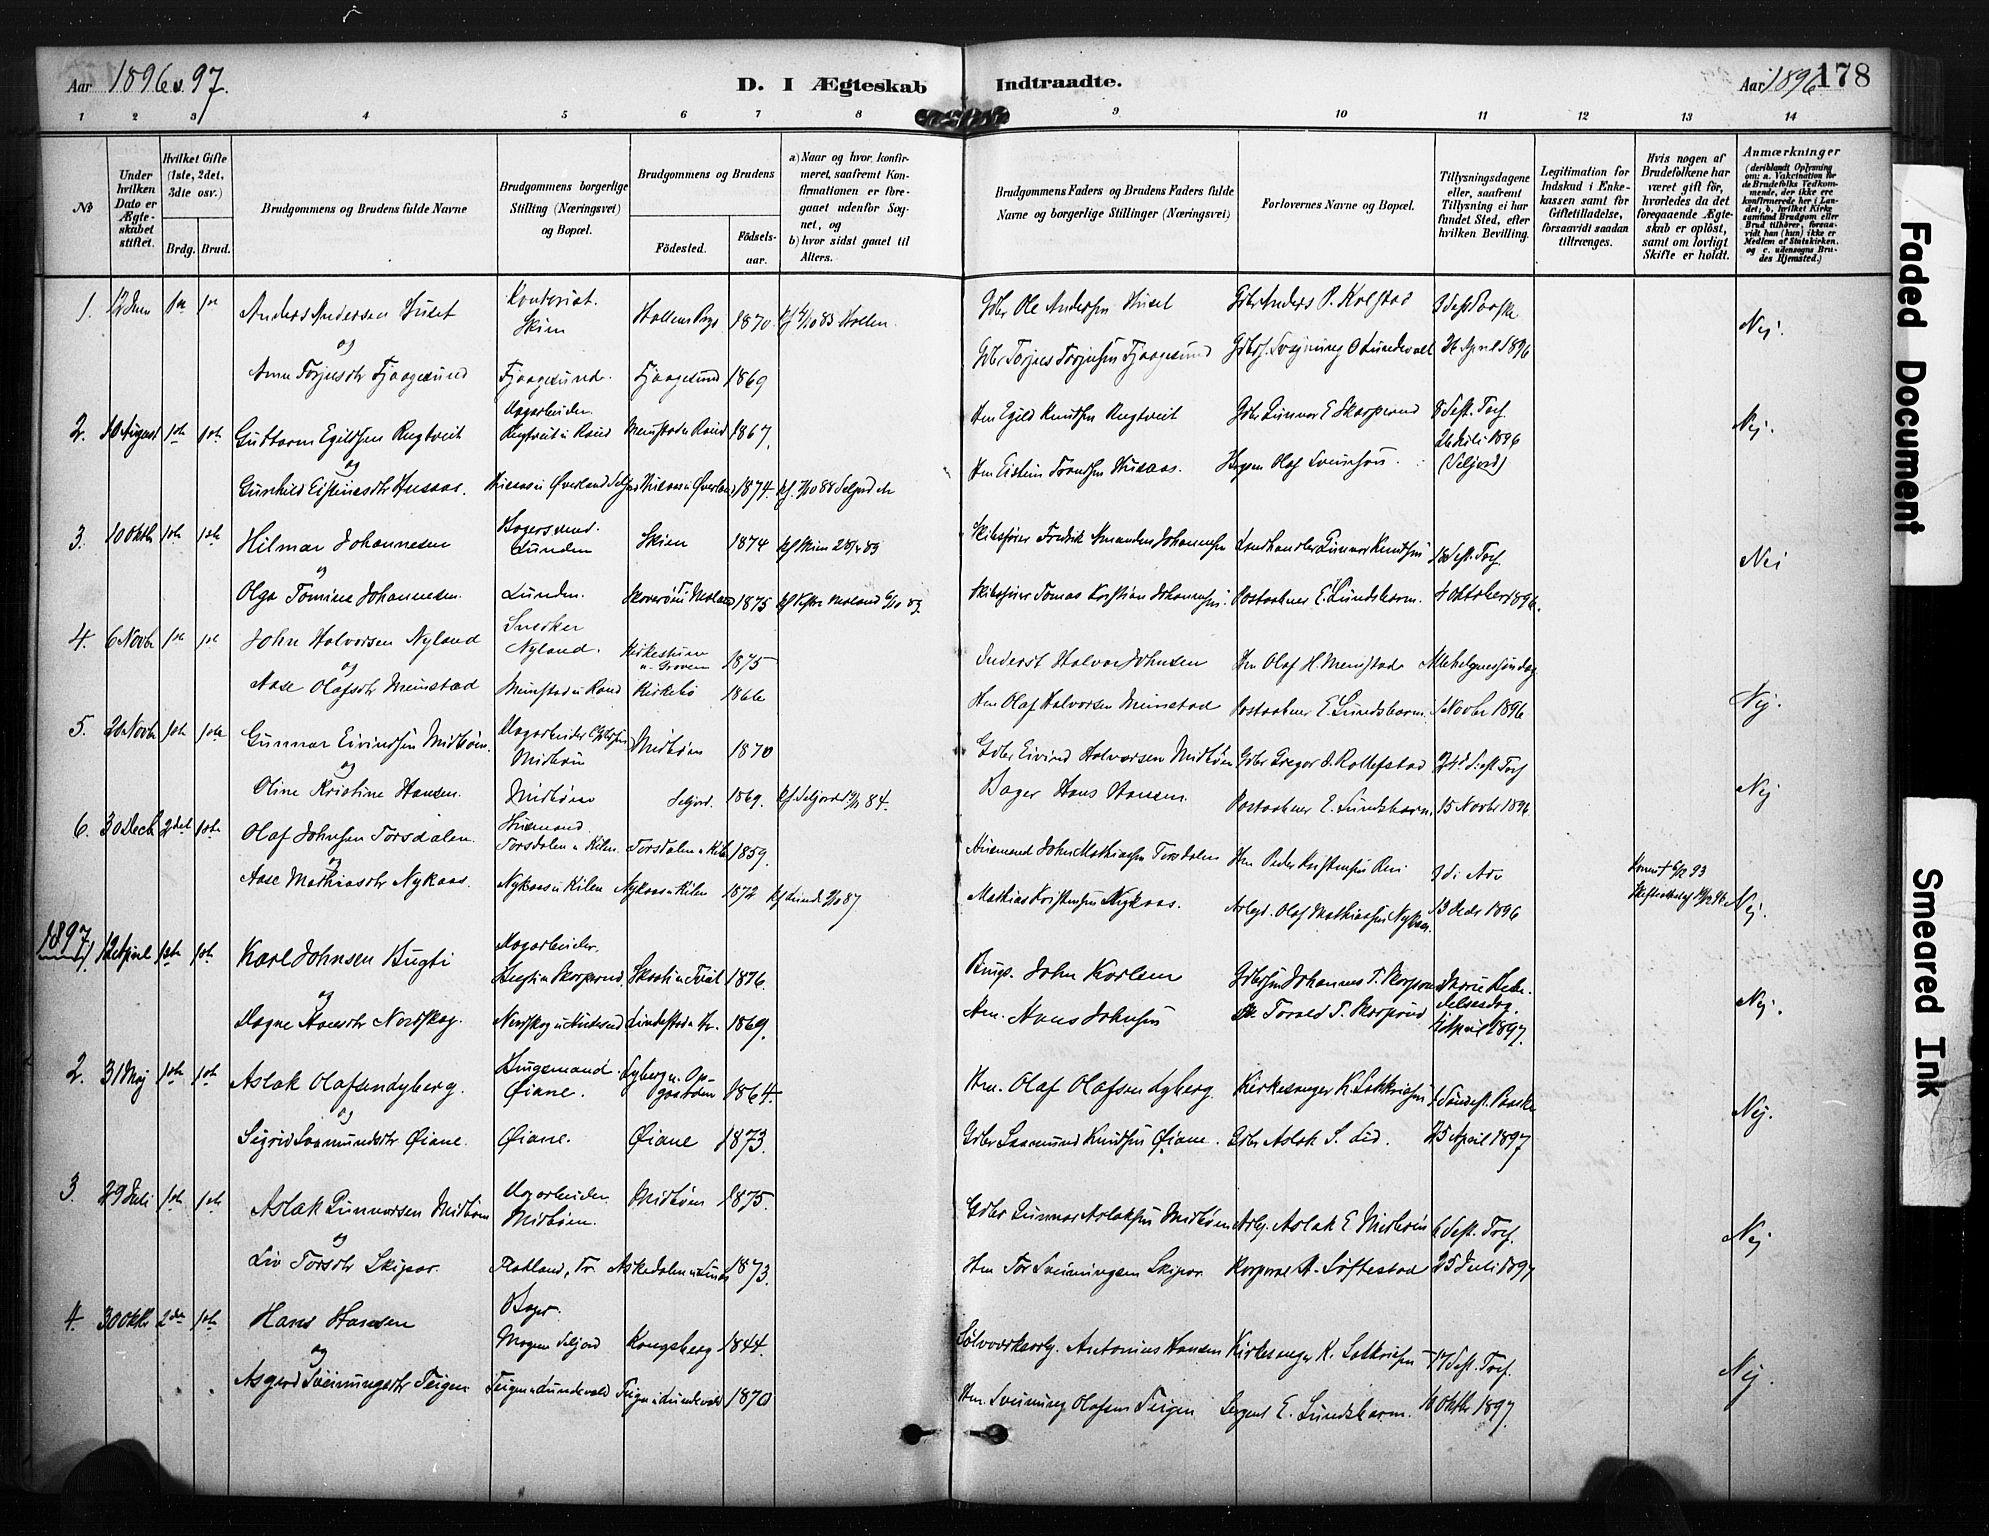 SAKO, Kviteseid kirkebøker, F/Fa/L0008: Ministerialbok nr. I 8, 1882-1903, s. 178